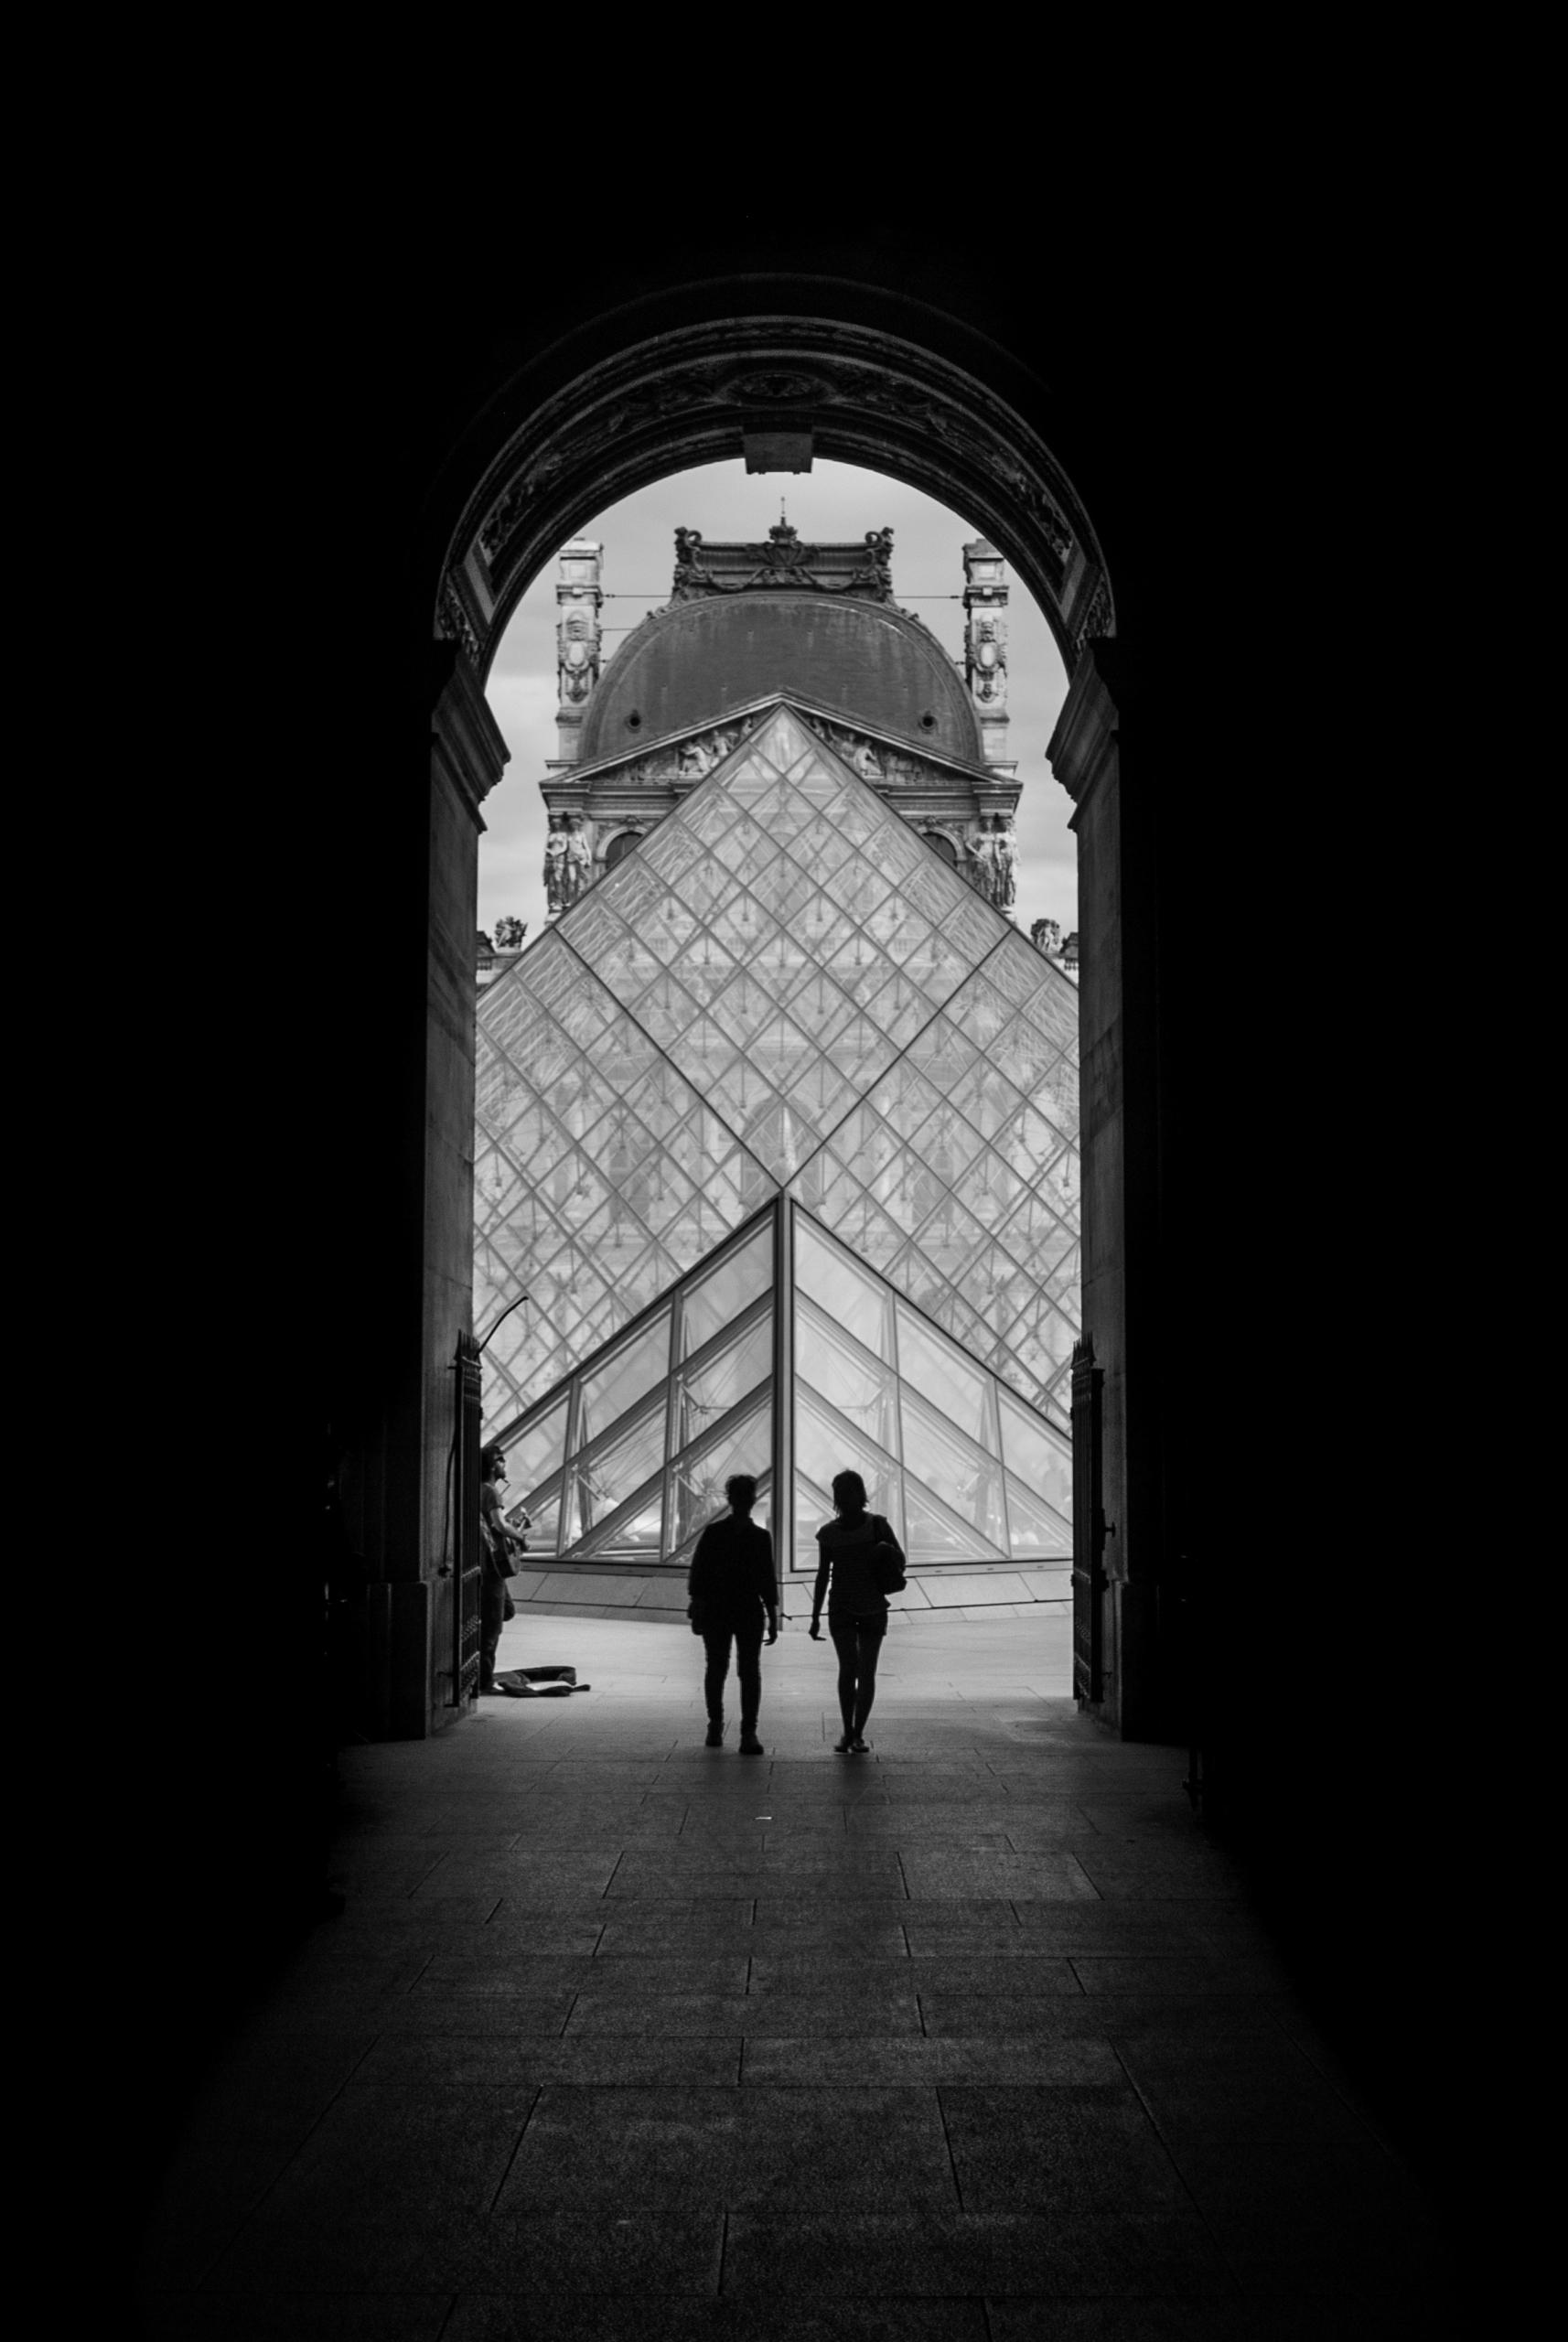 Passage Richelieu, Louvre, Pari - sowersian | ello